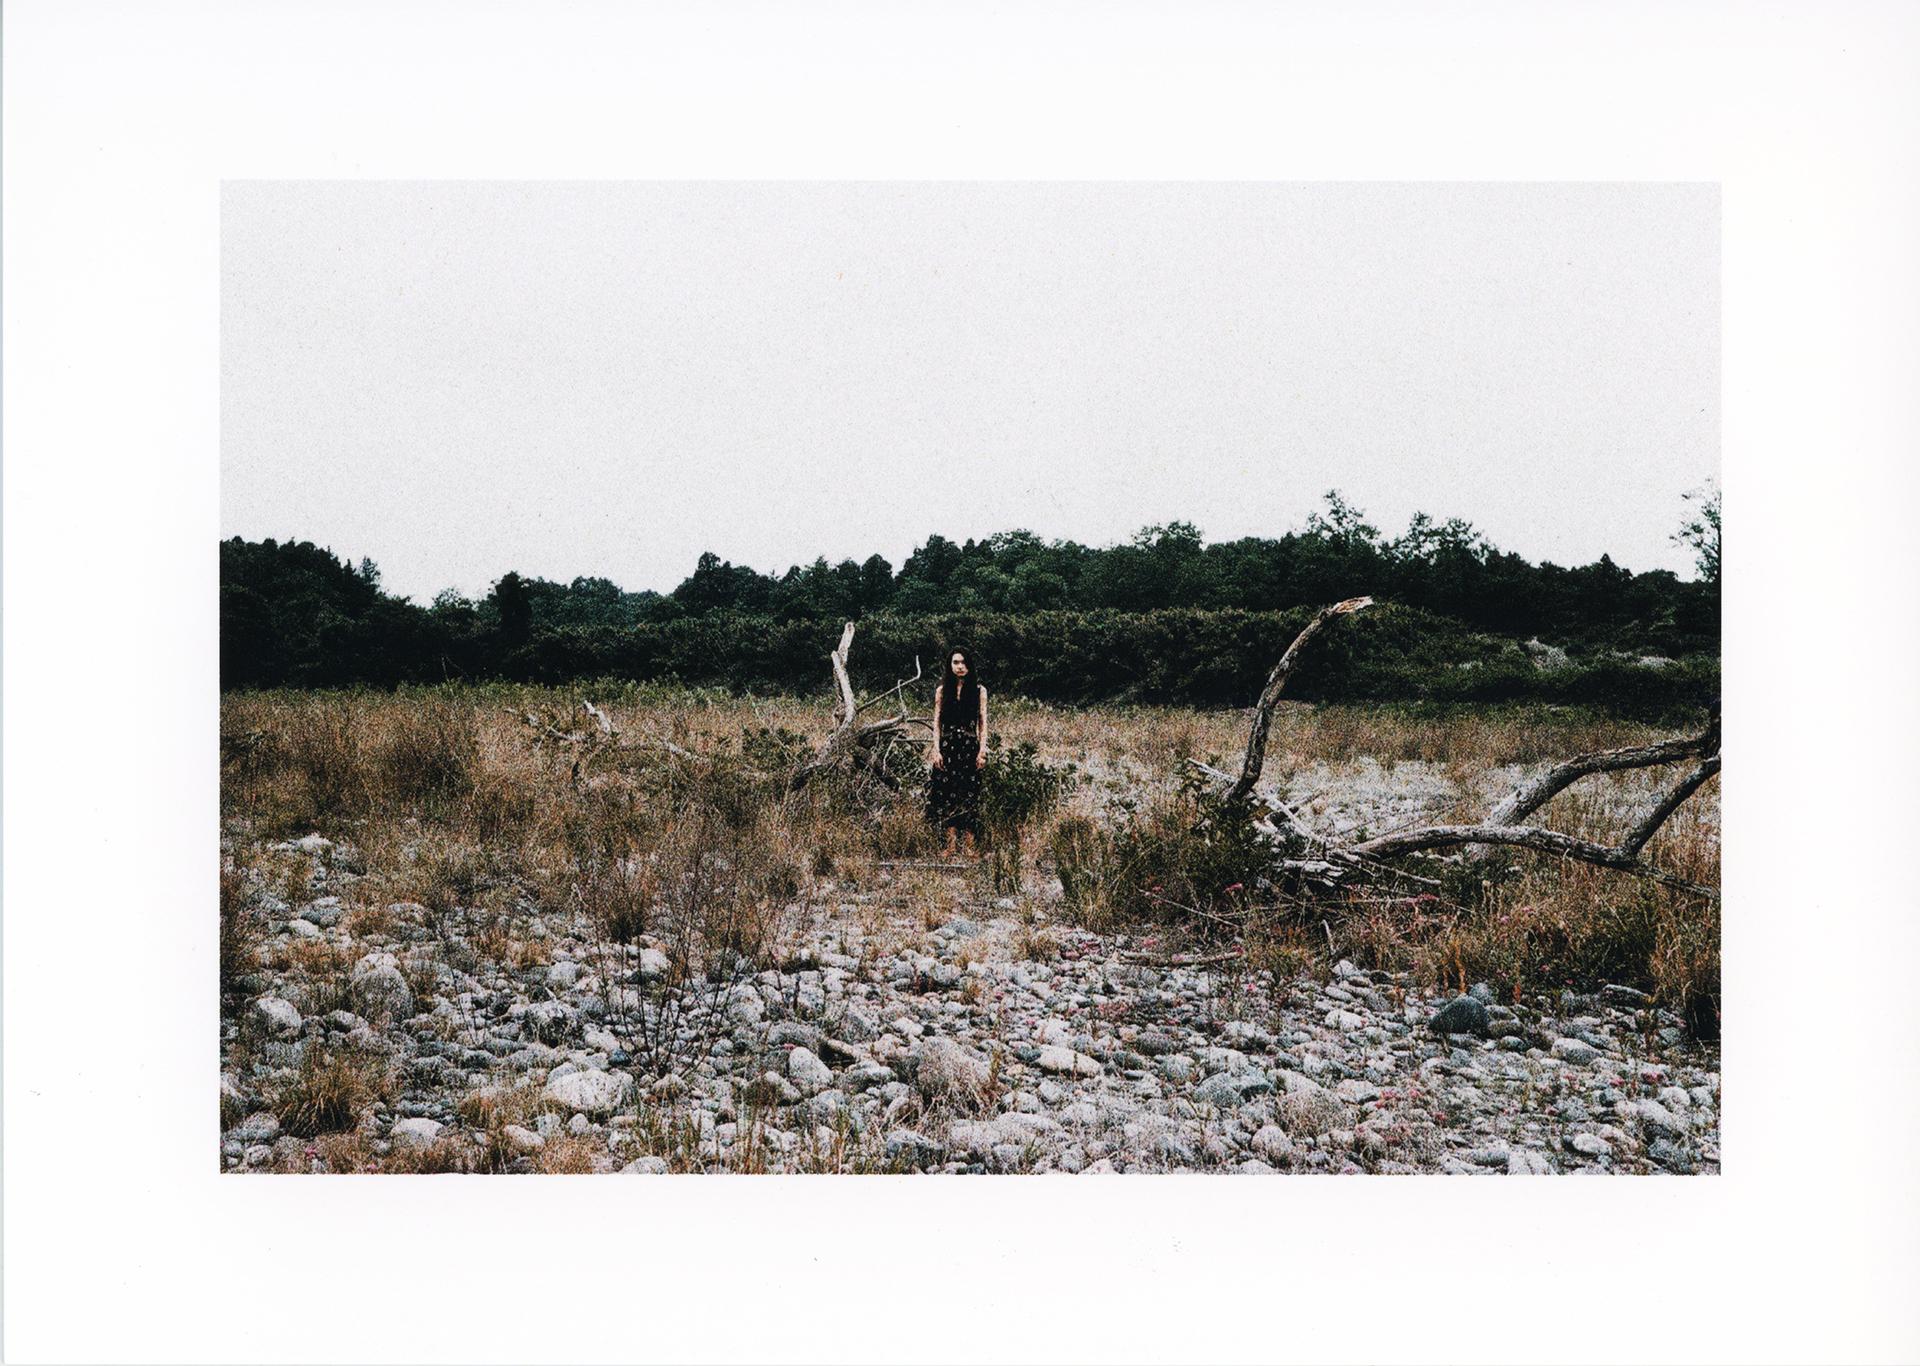 馬場 真海 | Shinkai Baba